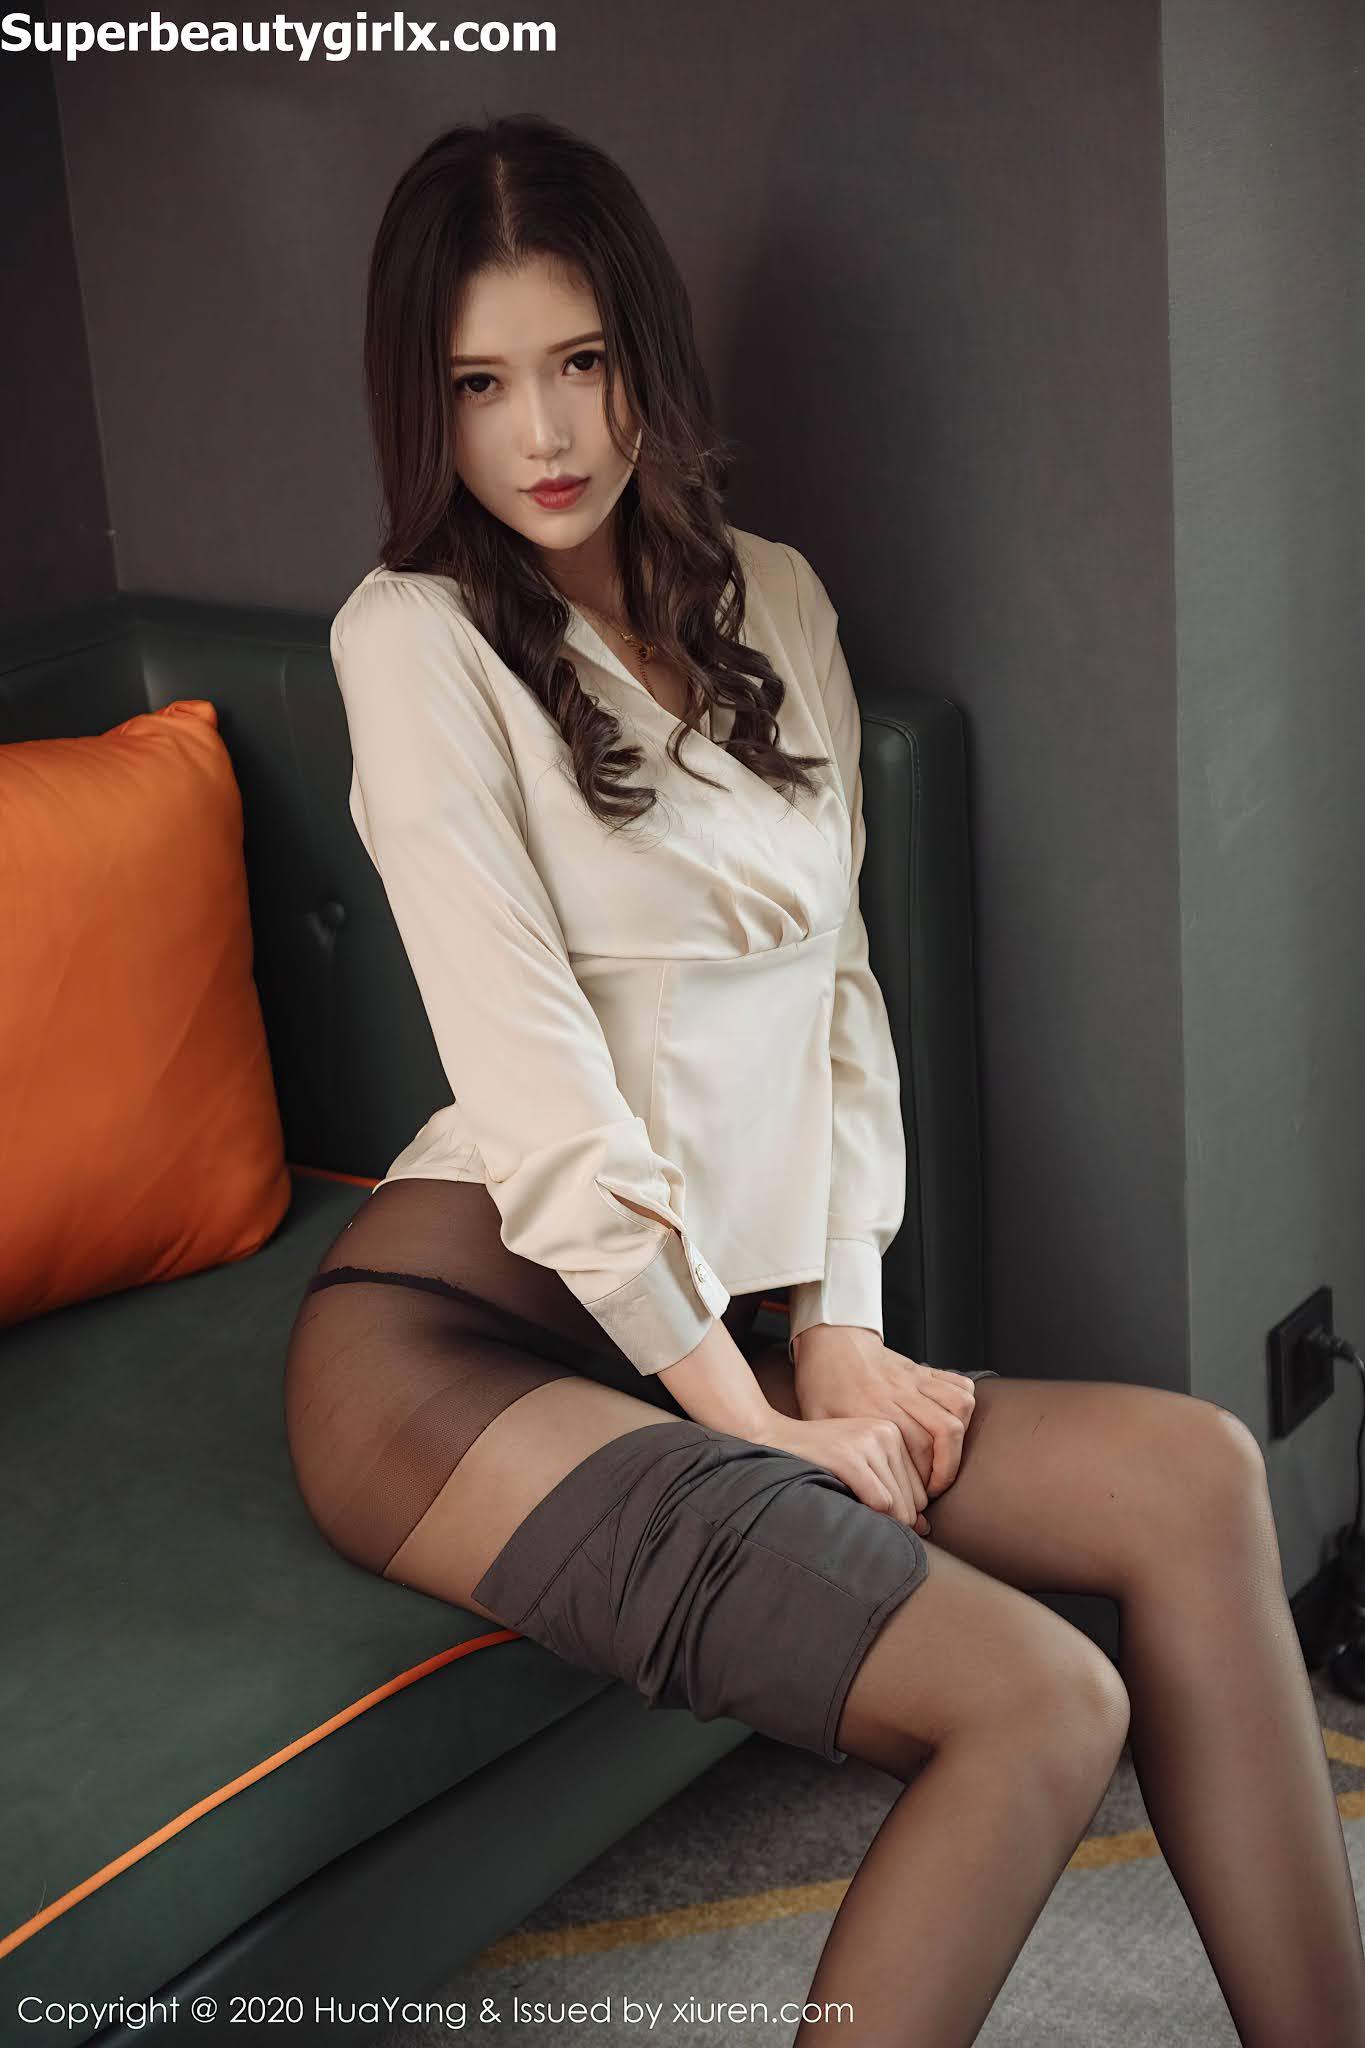 HuaYang-Vol.328-Chen-Yi-Han-Superbeautygirlx.com